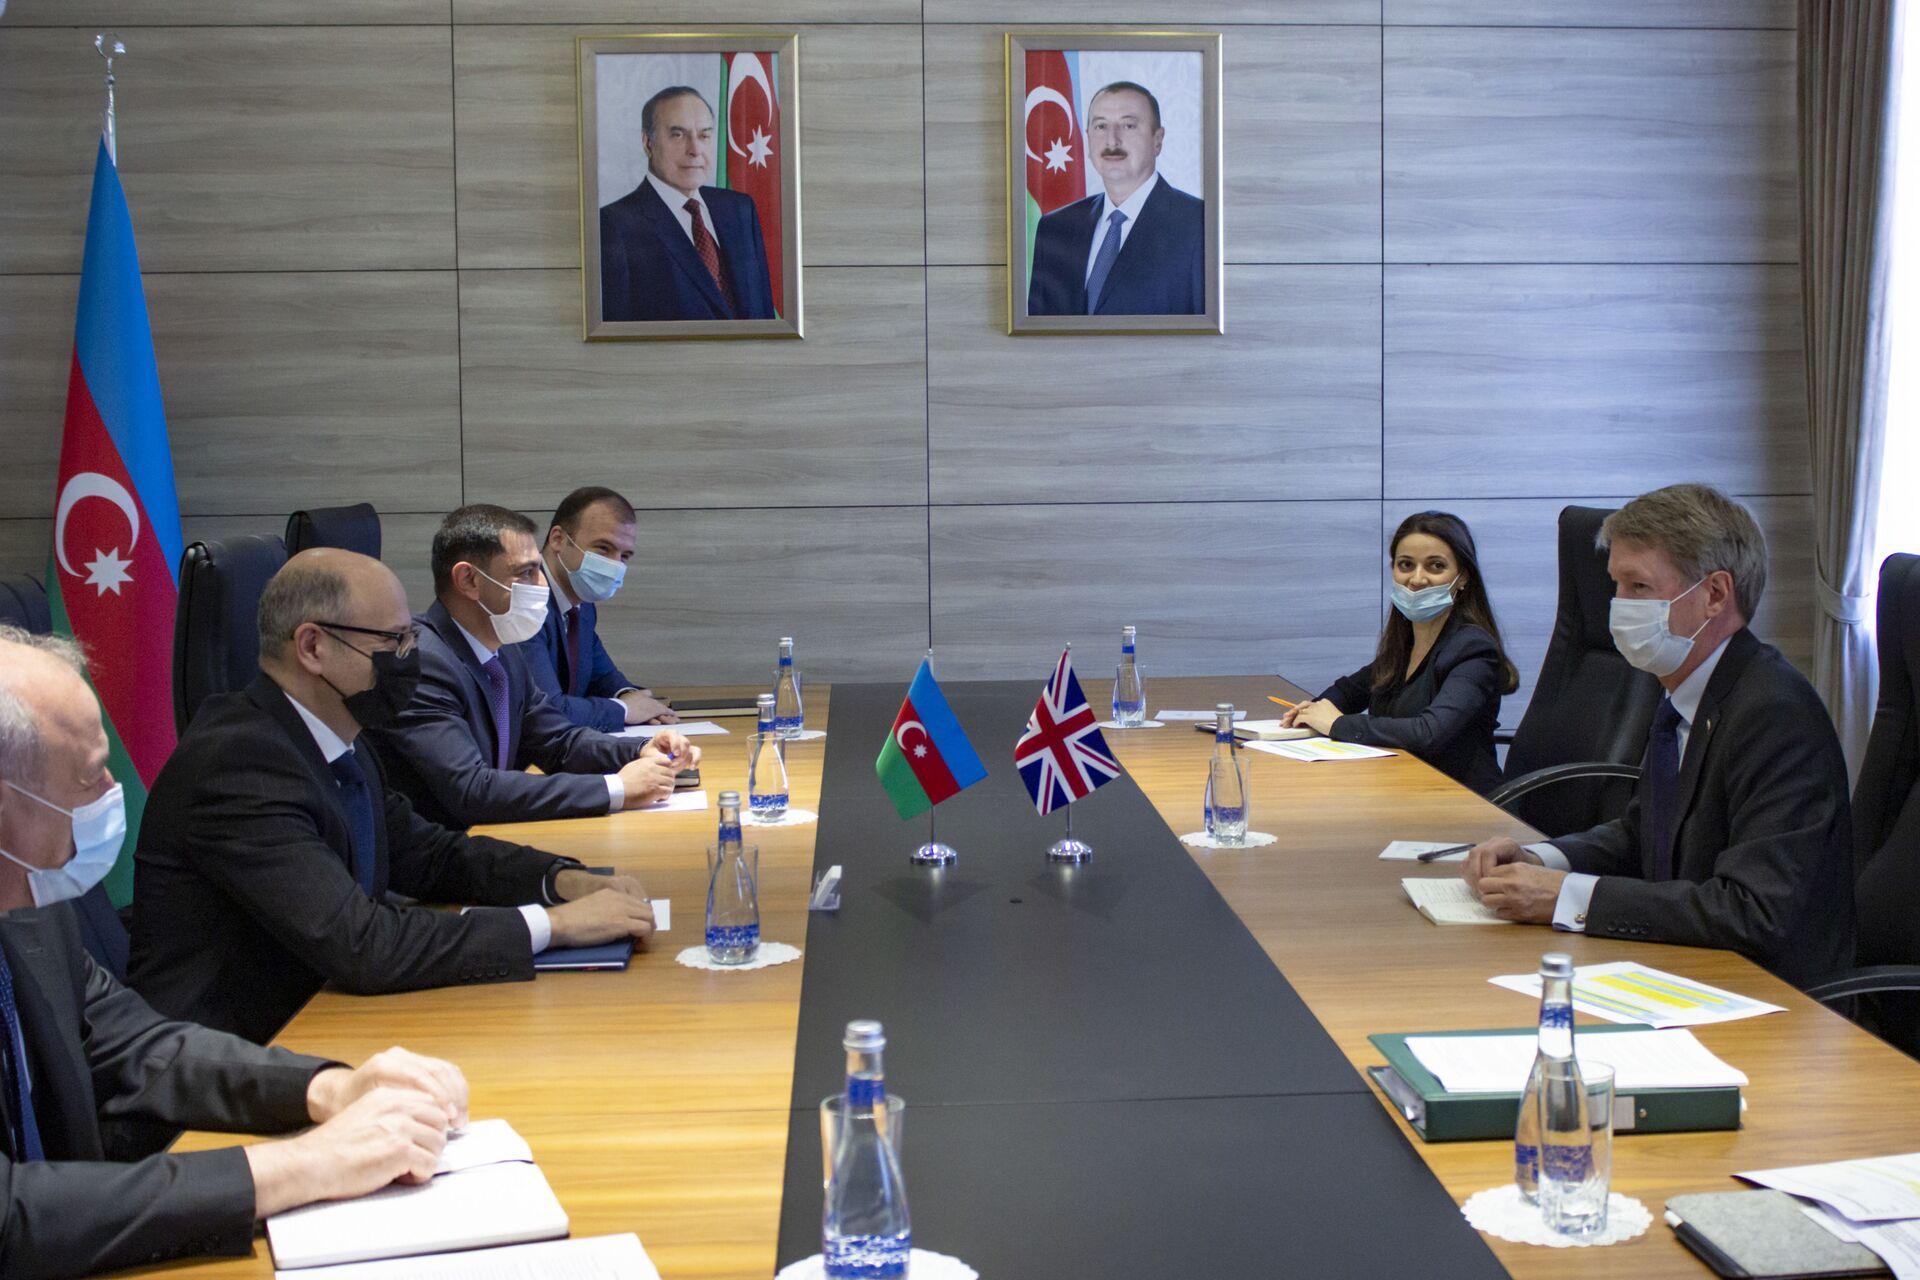 В Баку обсудили перспективы  зеленой энергетики в Зангилан-Джебраильской зоне - Sputnik Азербайджан, 1920, 09.06.2021